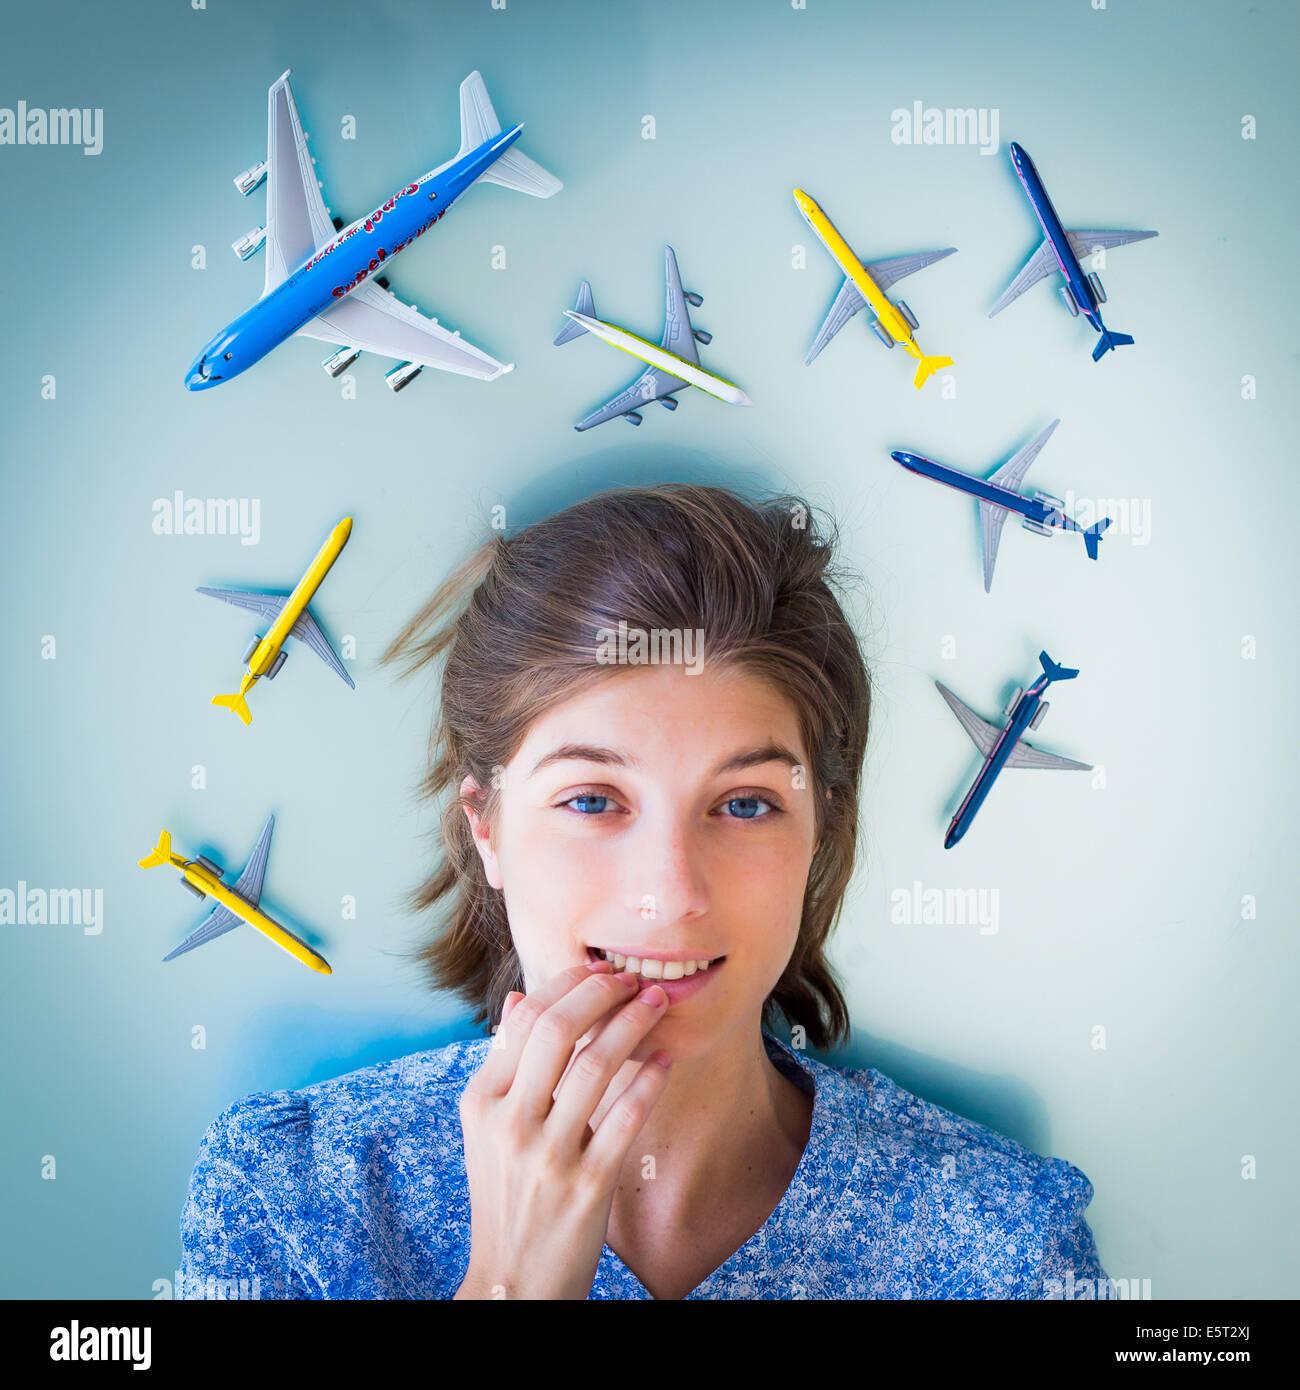 Concetto di paura di volare. Immagini Stock